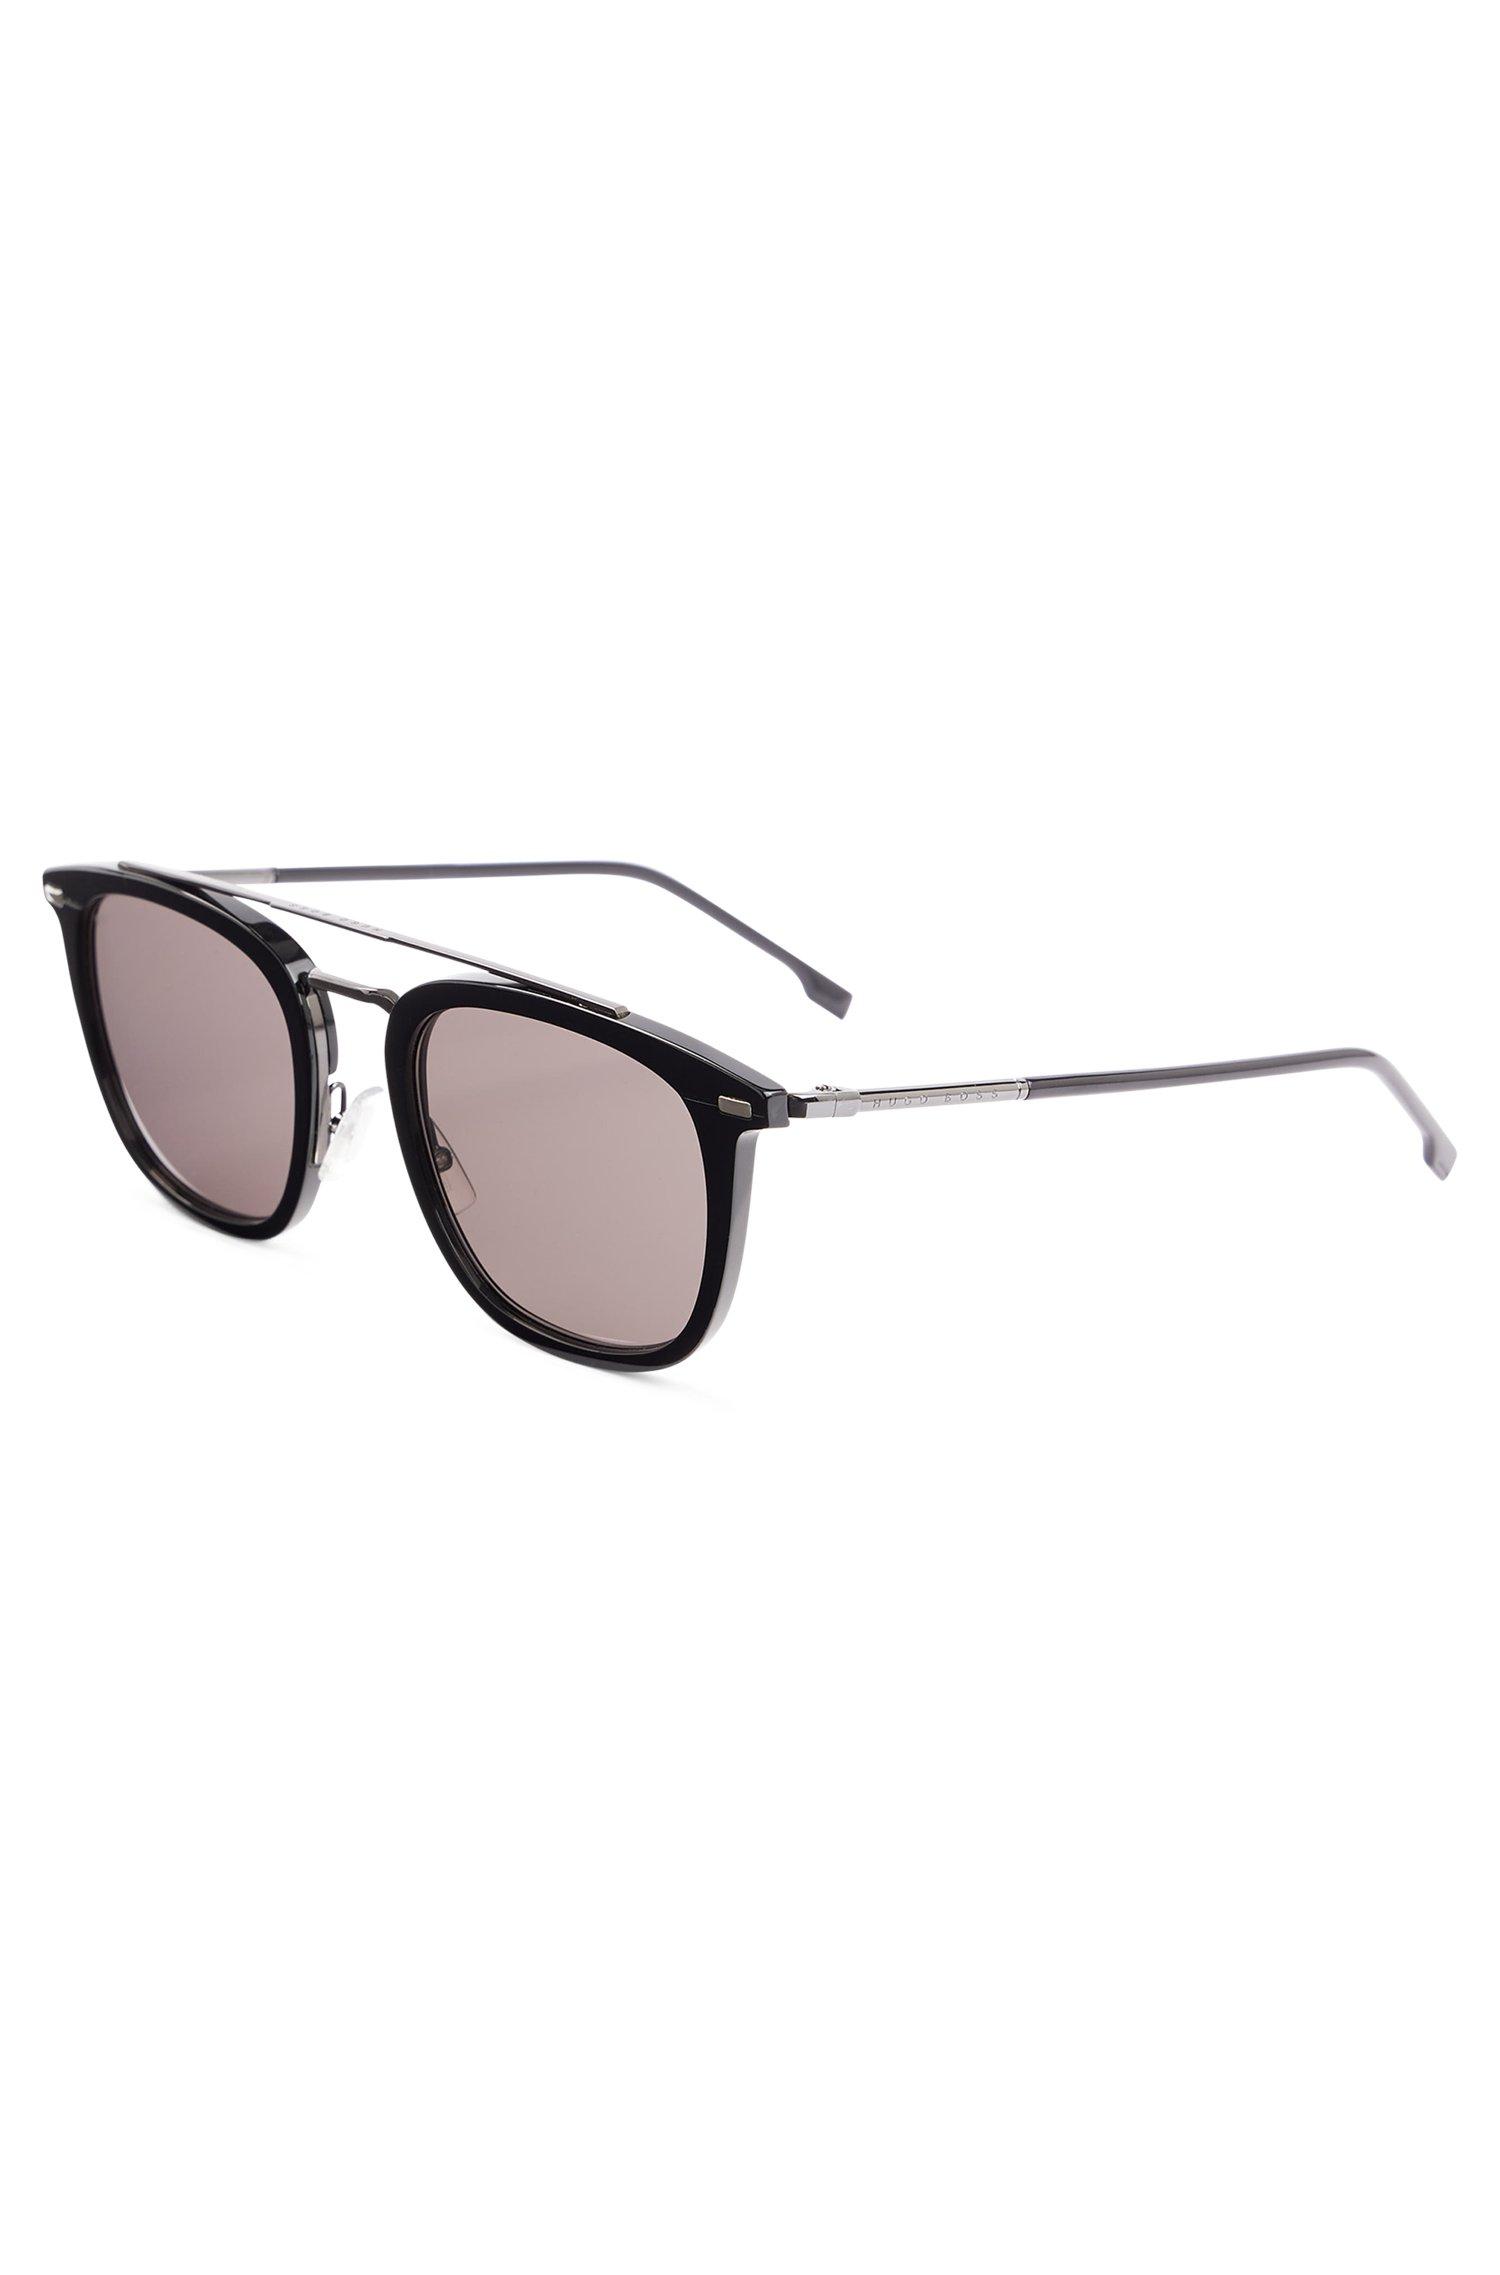 Sonnenbrille aus schwarzem Acetat mit Doppelsteg und röhrenförmigen Bügeln, Assorted-Pre-Pack